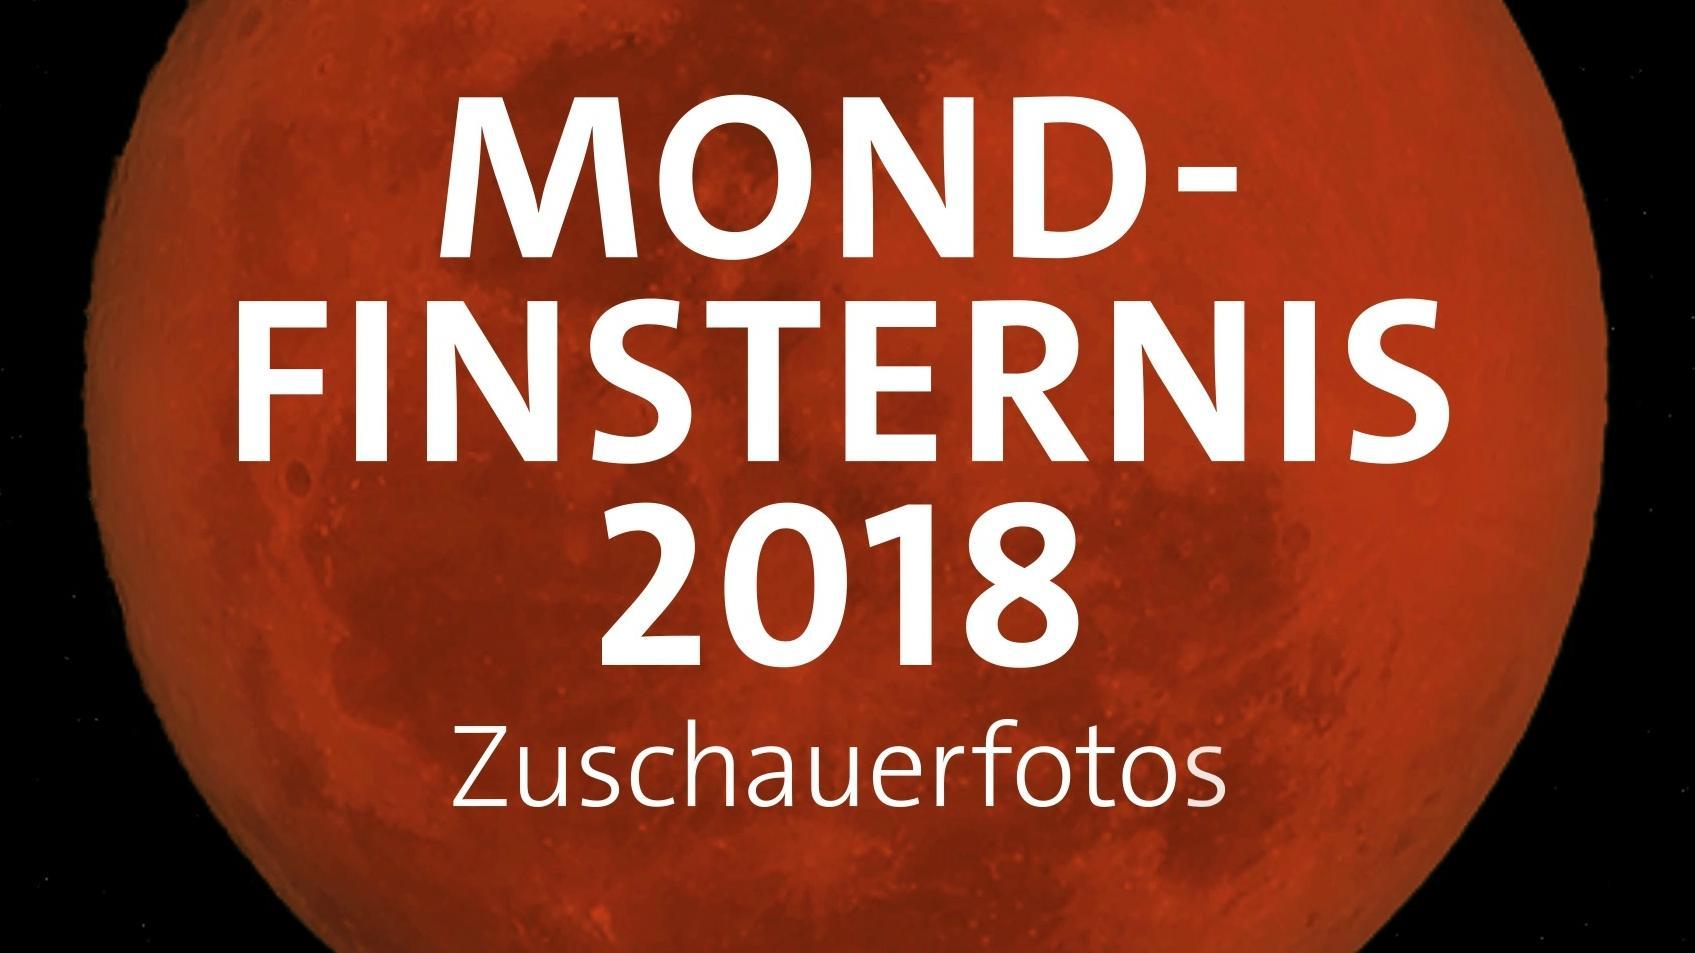 Die schönsten Fotos vom Blutmond bei der totalen Mondfinsternis am 27. Juli 2018 in einem Video